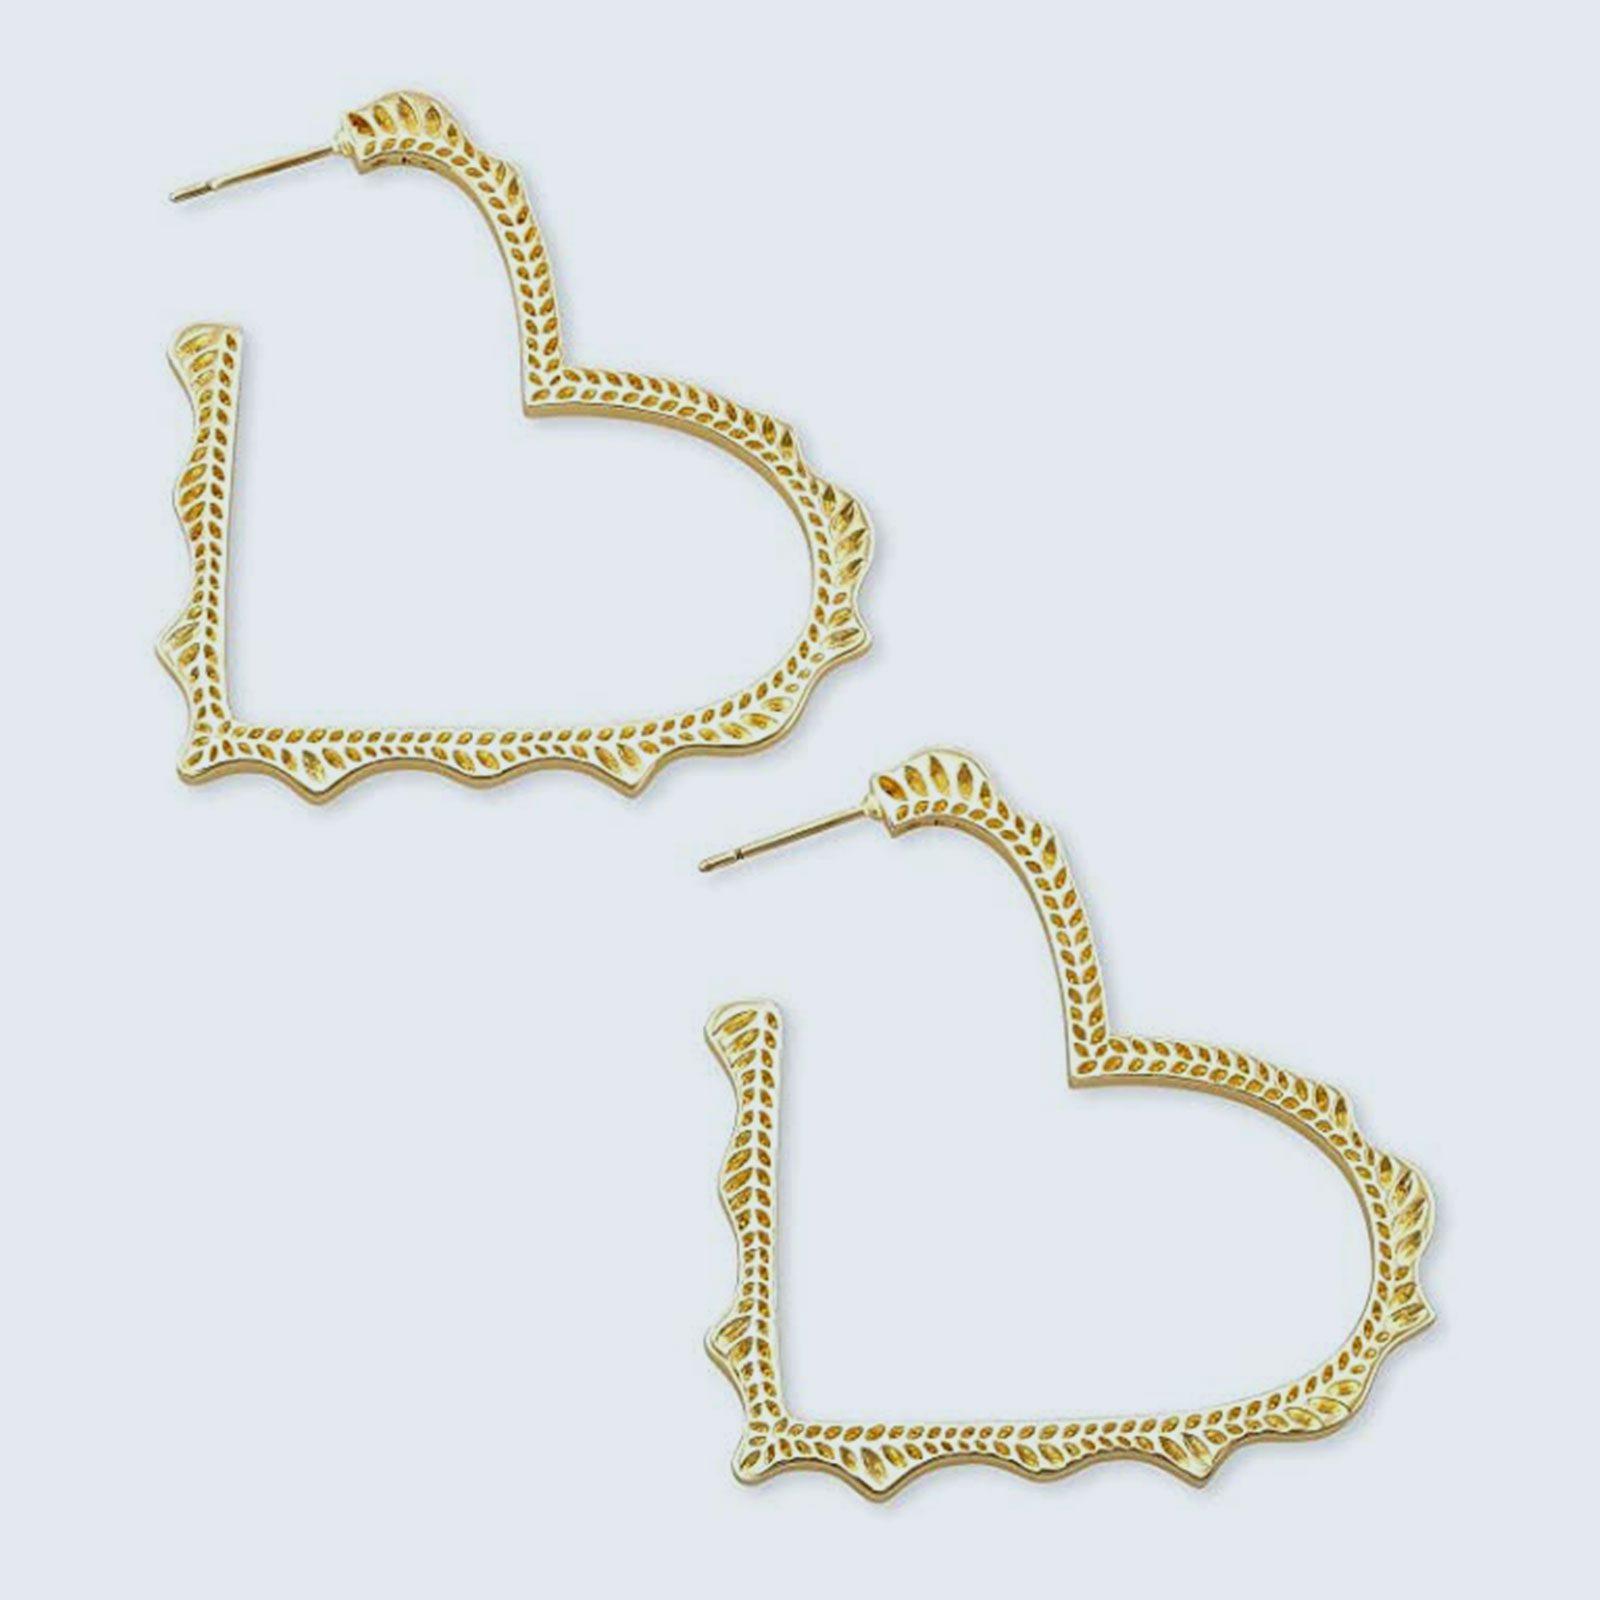 For the jewelry lover: Kendra Scott Sophee Heart Hoop Earrings